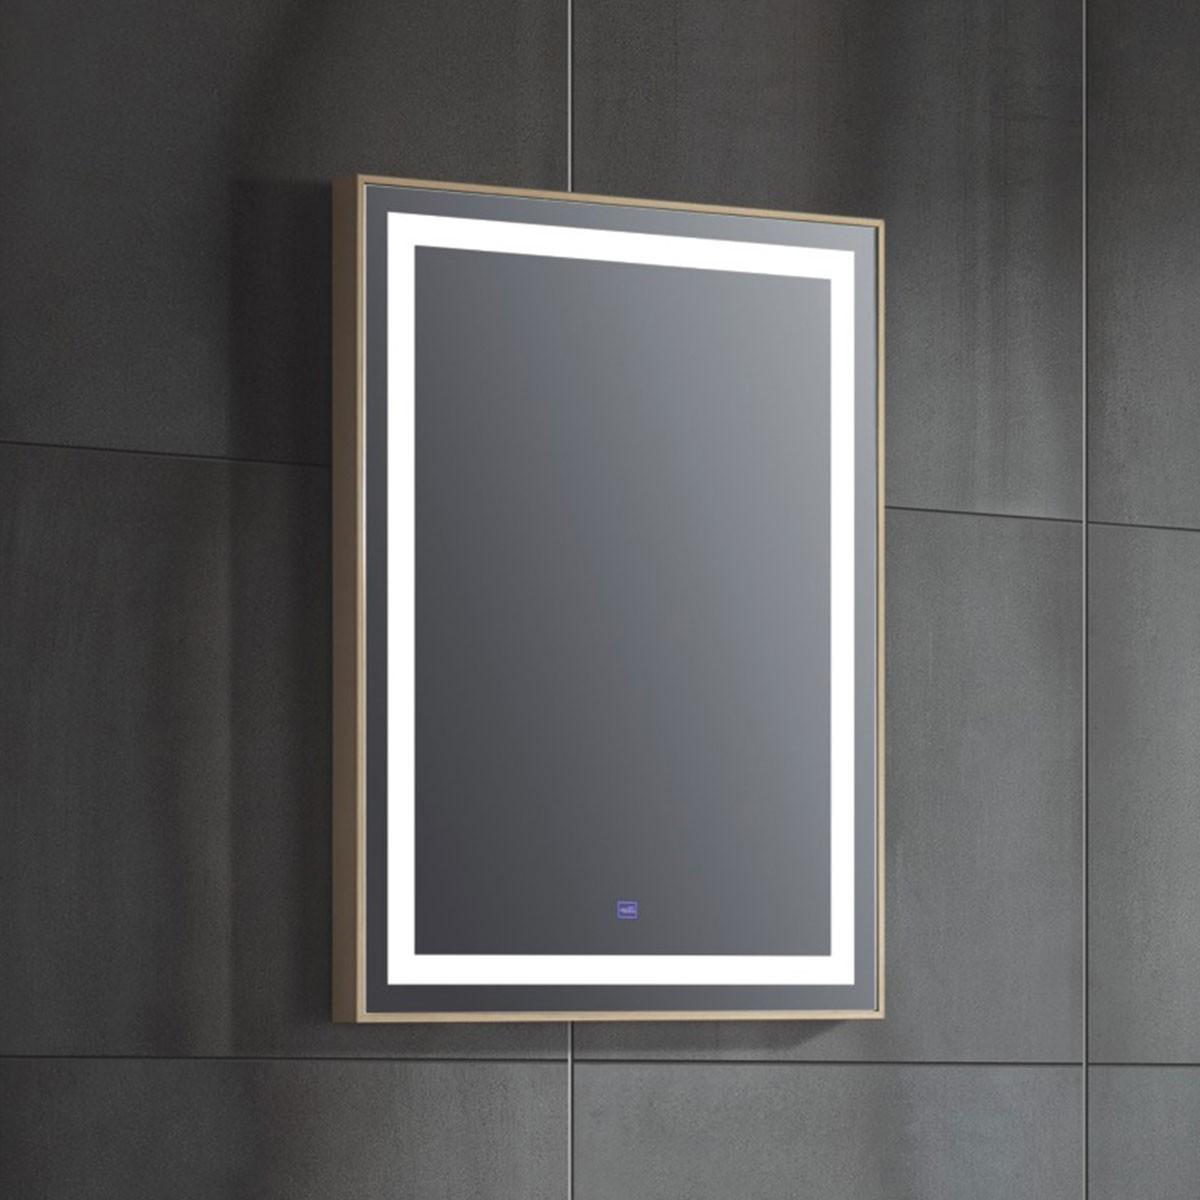 24 x 31 Po Miroir de Salle de Bain LED  Vertical avec Bouton Tactile (FB-G8320-M)